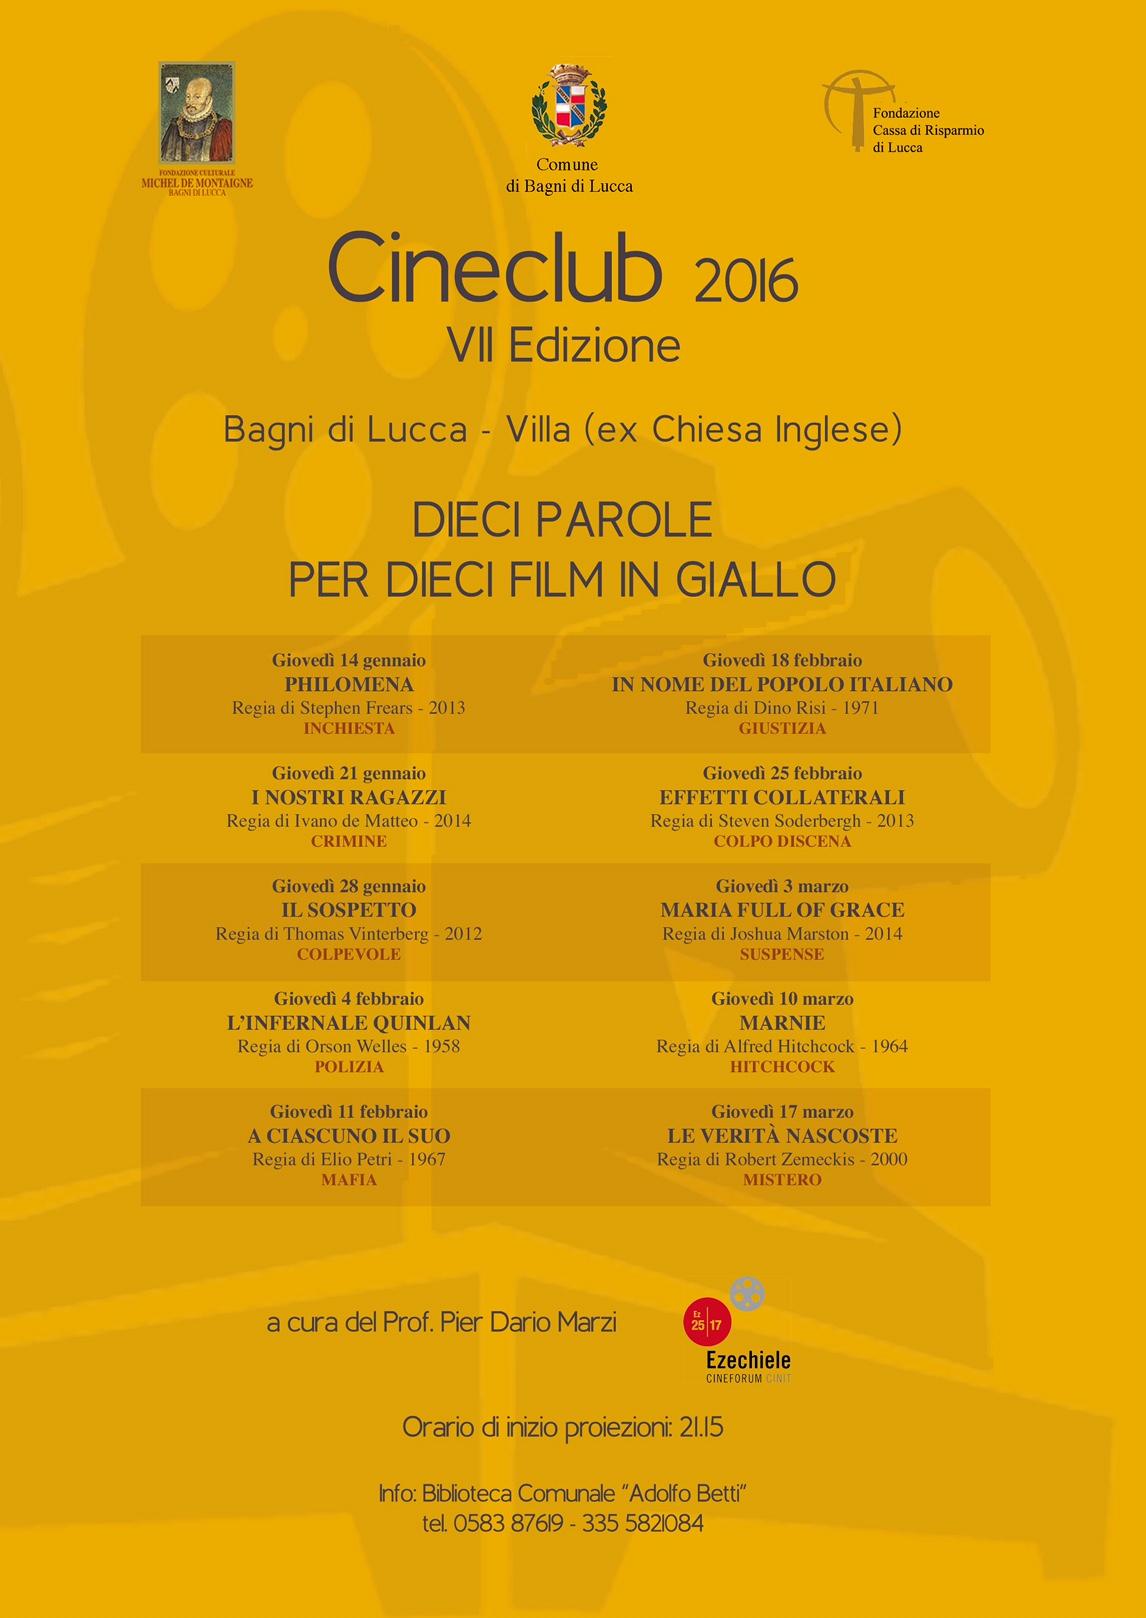 CineclubLocandina 2014